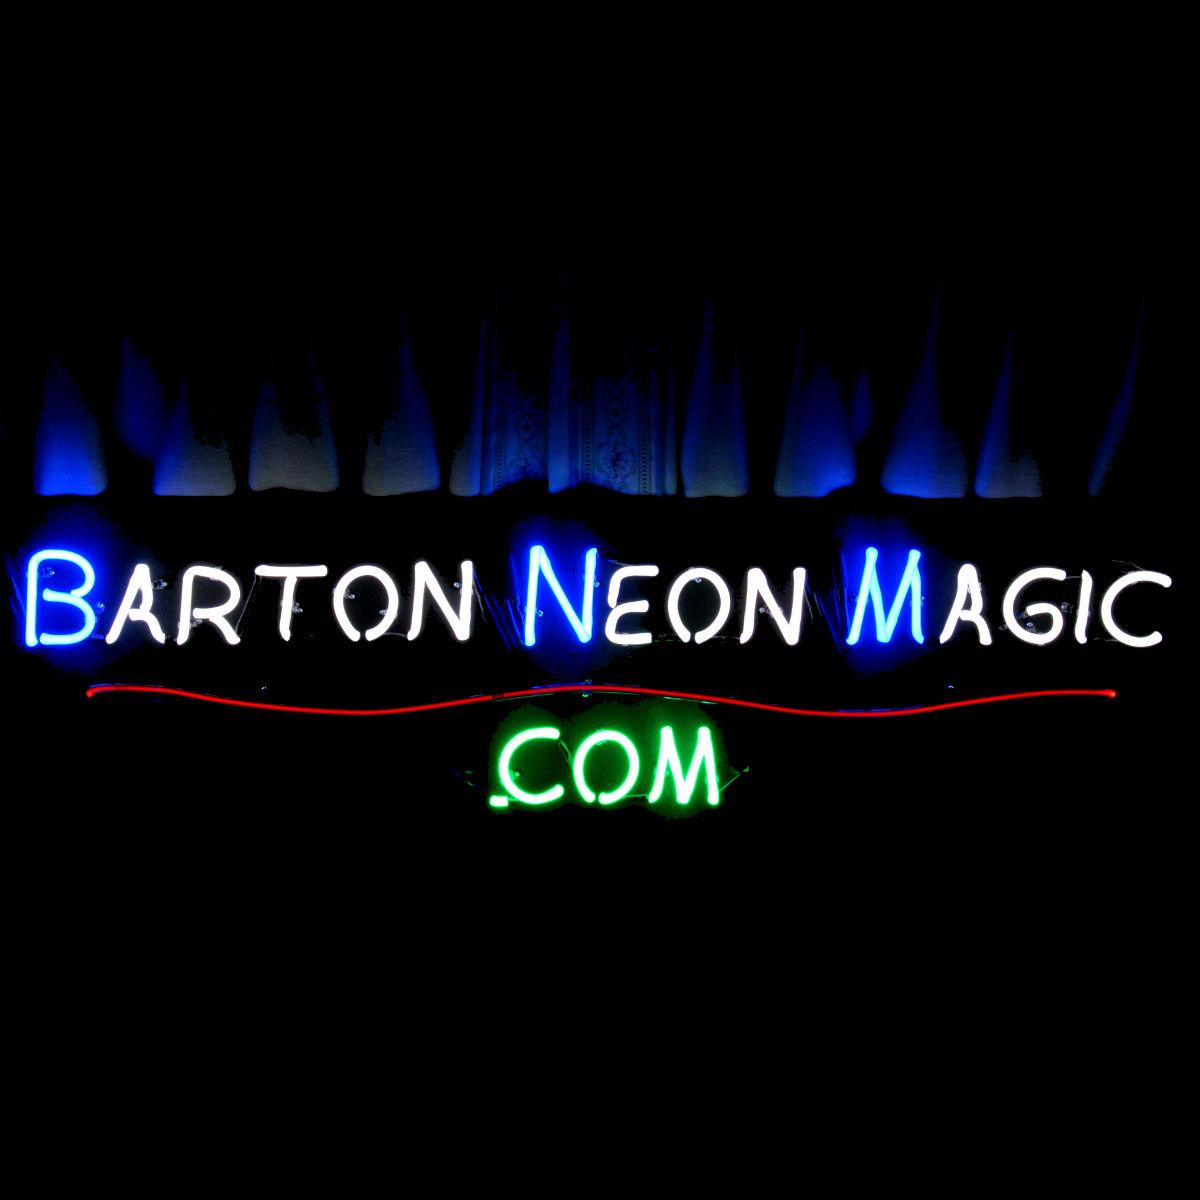 Avanti Car Dealership Neon Signs by John Barton - BartonNeonMagic.com